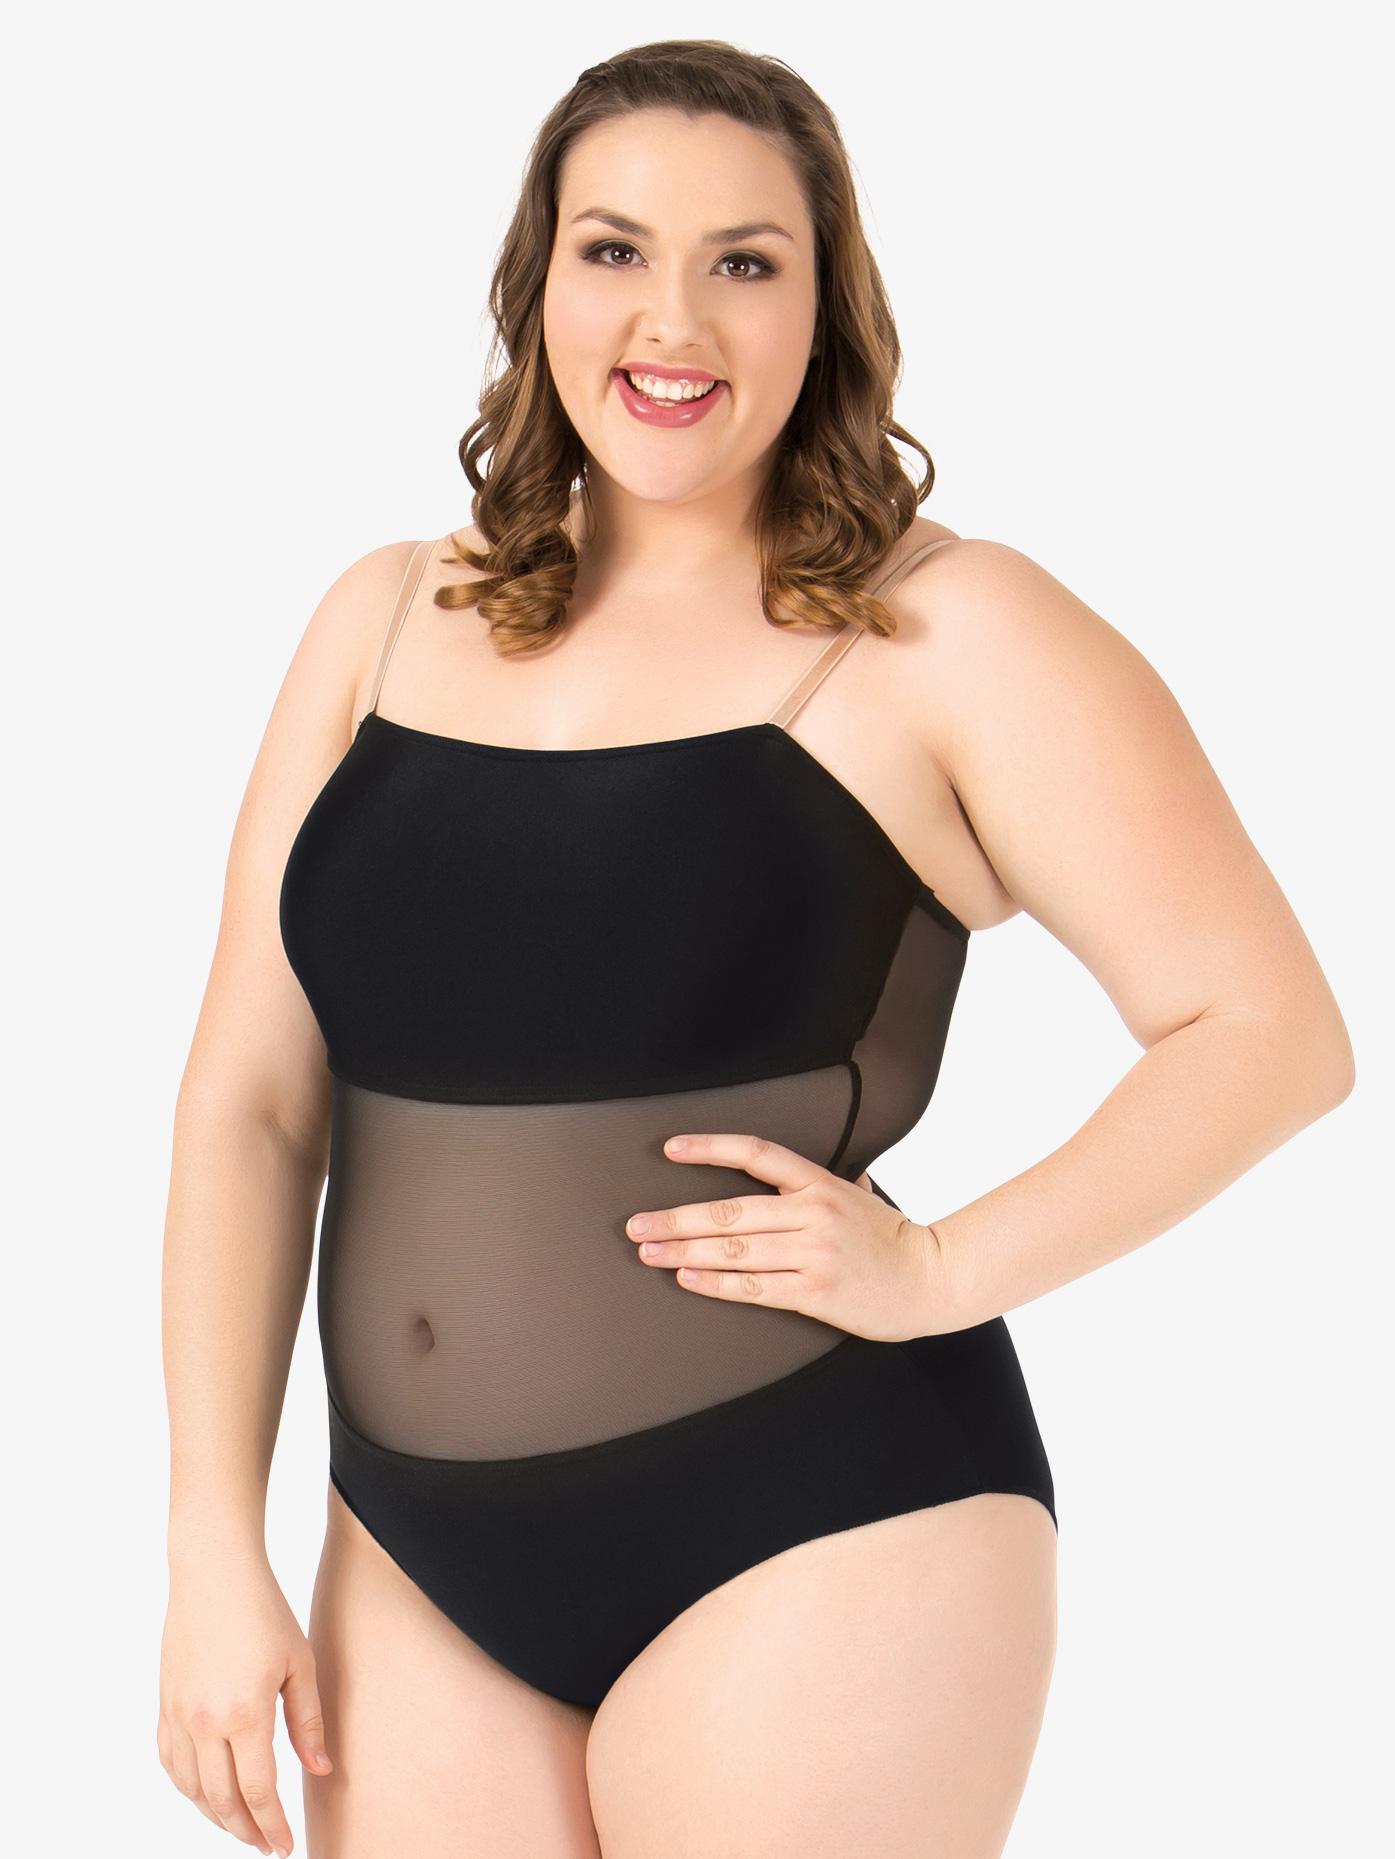 Natalie Plus Size Undercover Camisole Undergarment Leotard N237W